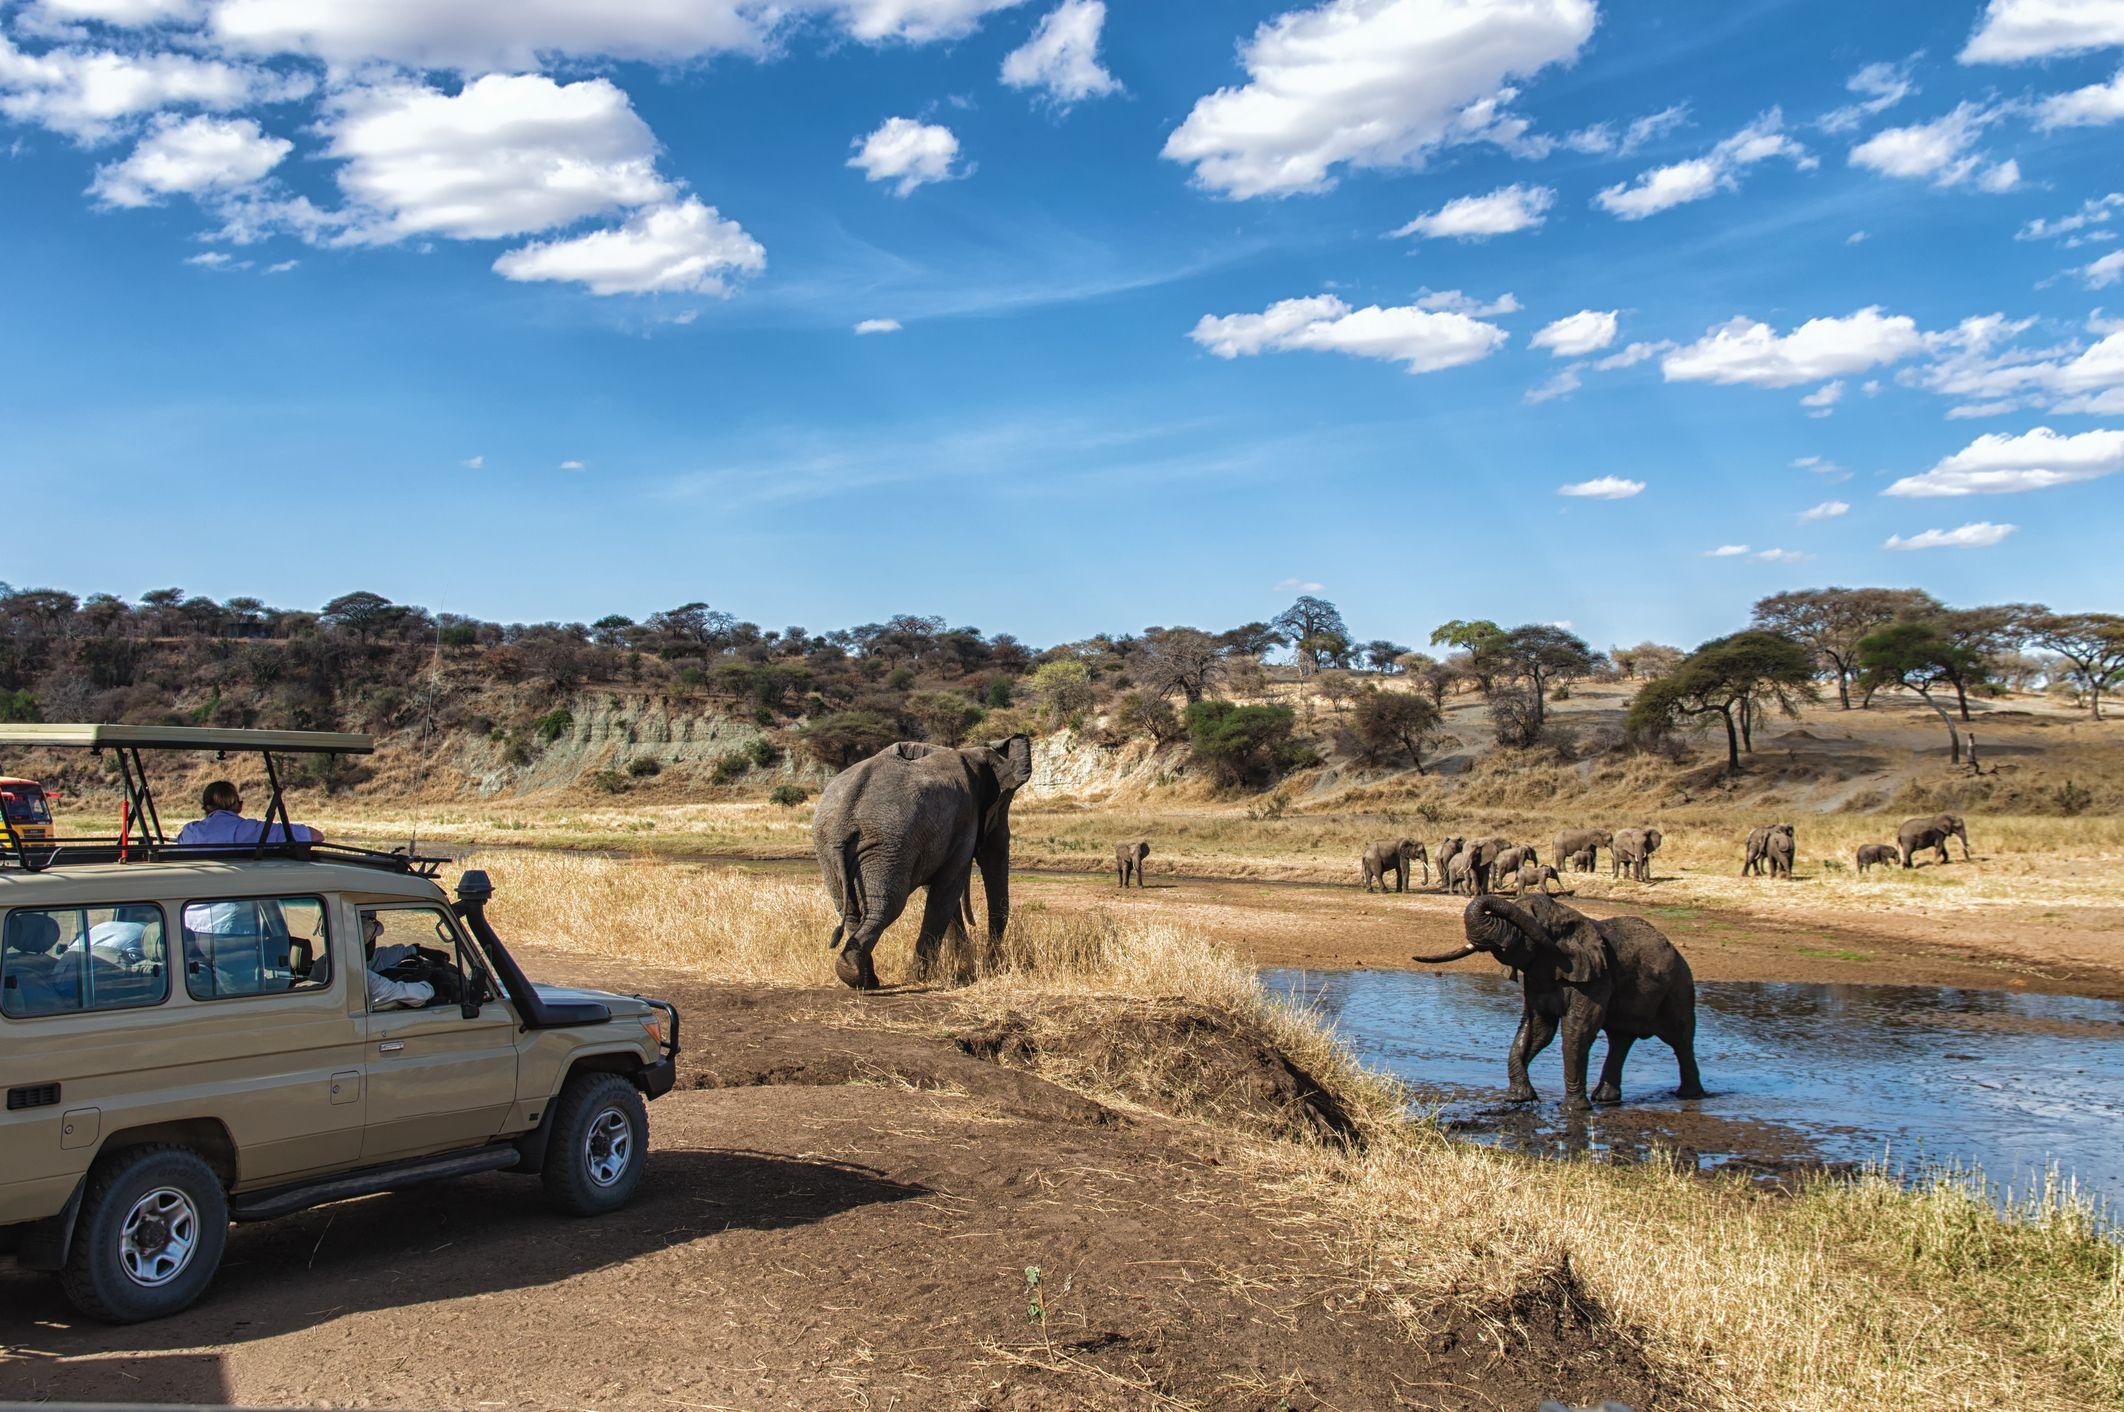 Safari, Tanzania Wildlife safari, Tanzania national